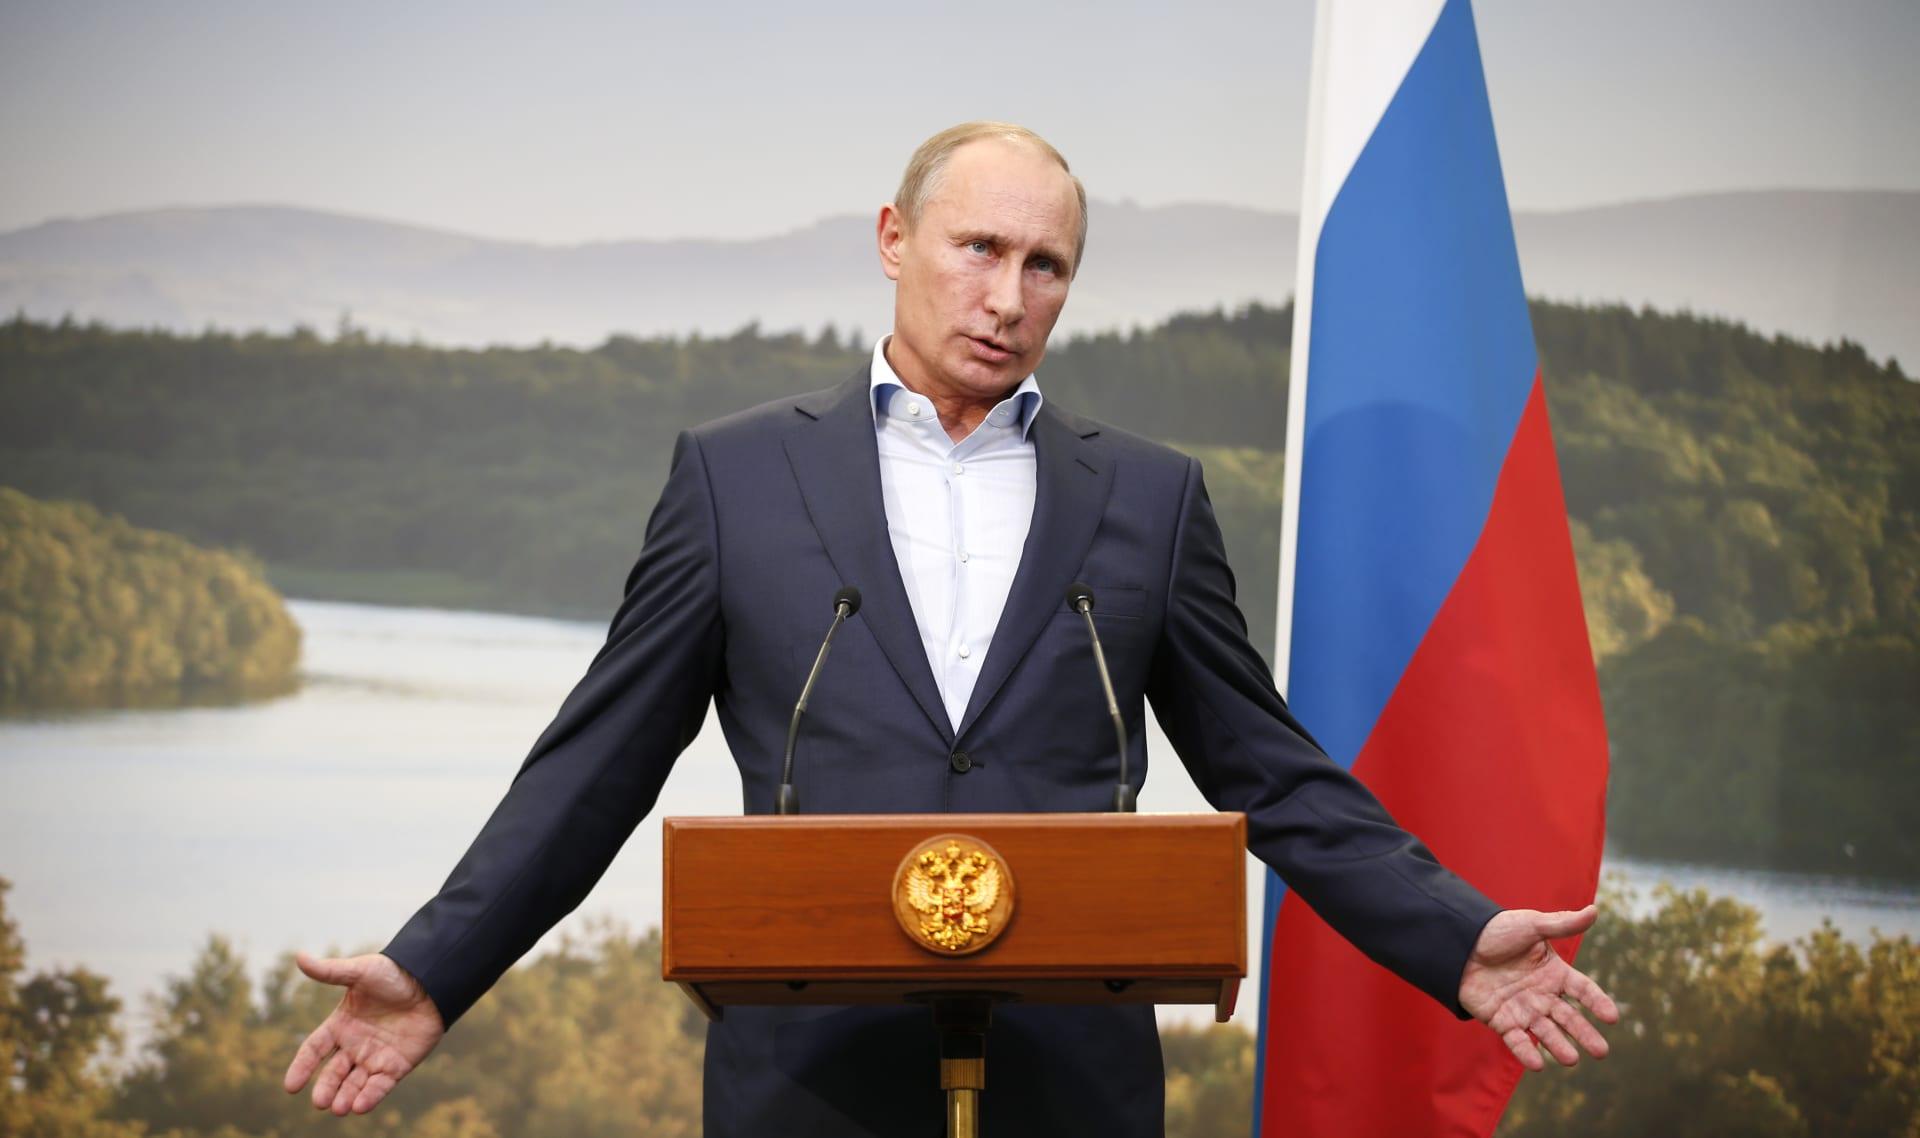 بوتين: احتياطيات روسيا تغطي الديون السيادية والتجارية لأول مرة في التاريخ